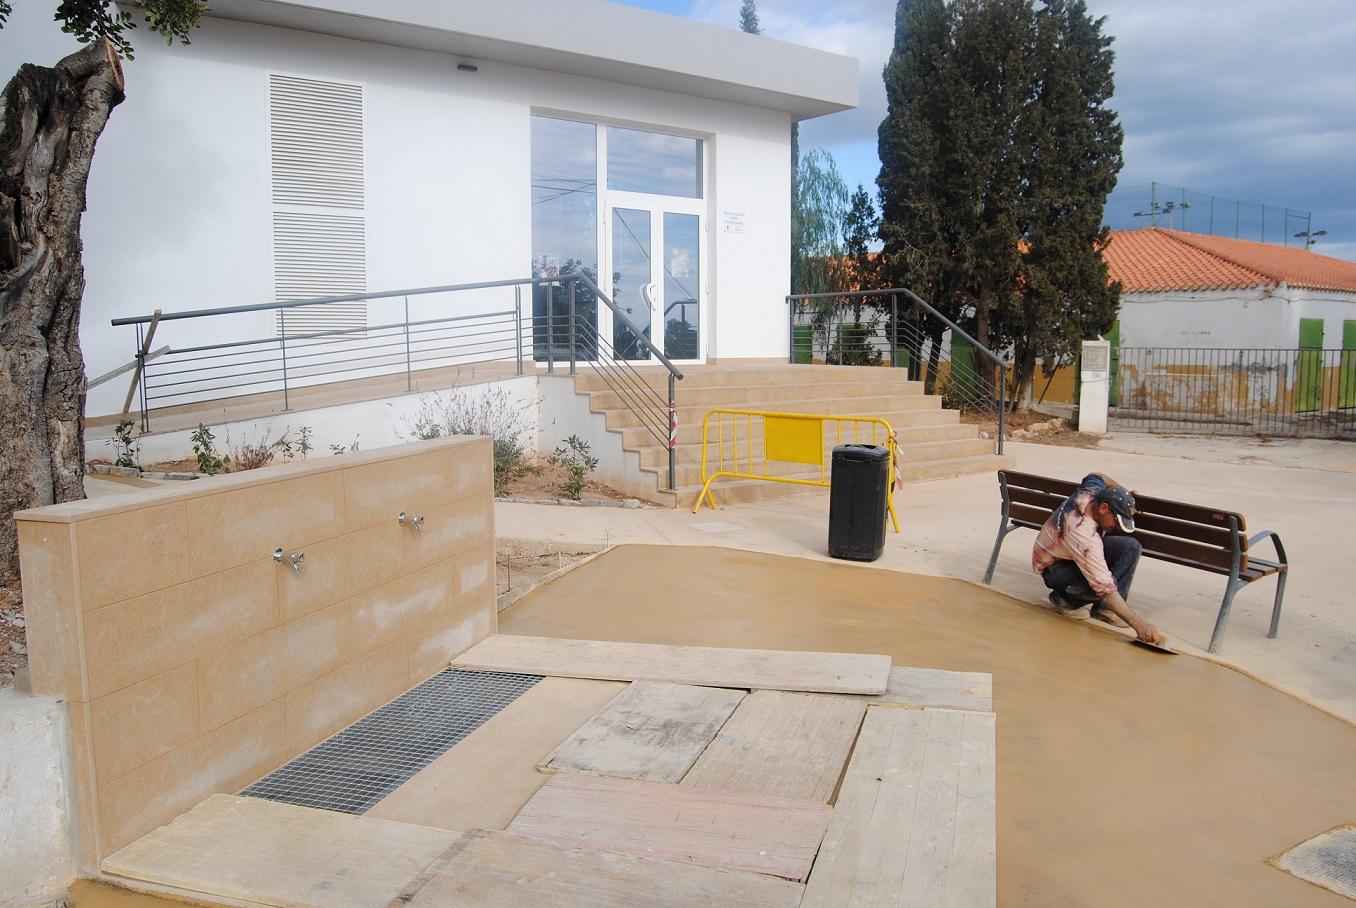 Alcalà disposarà dues fonts d'osmosi per oferir aigua tractada als veïns